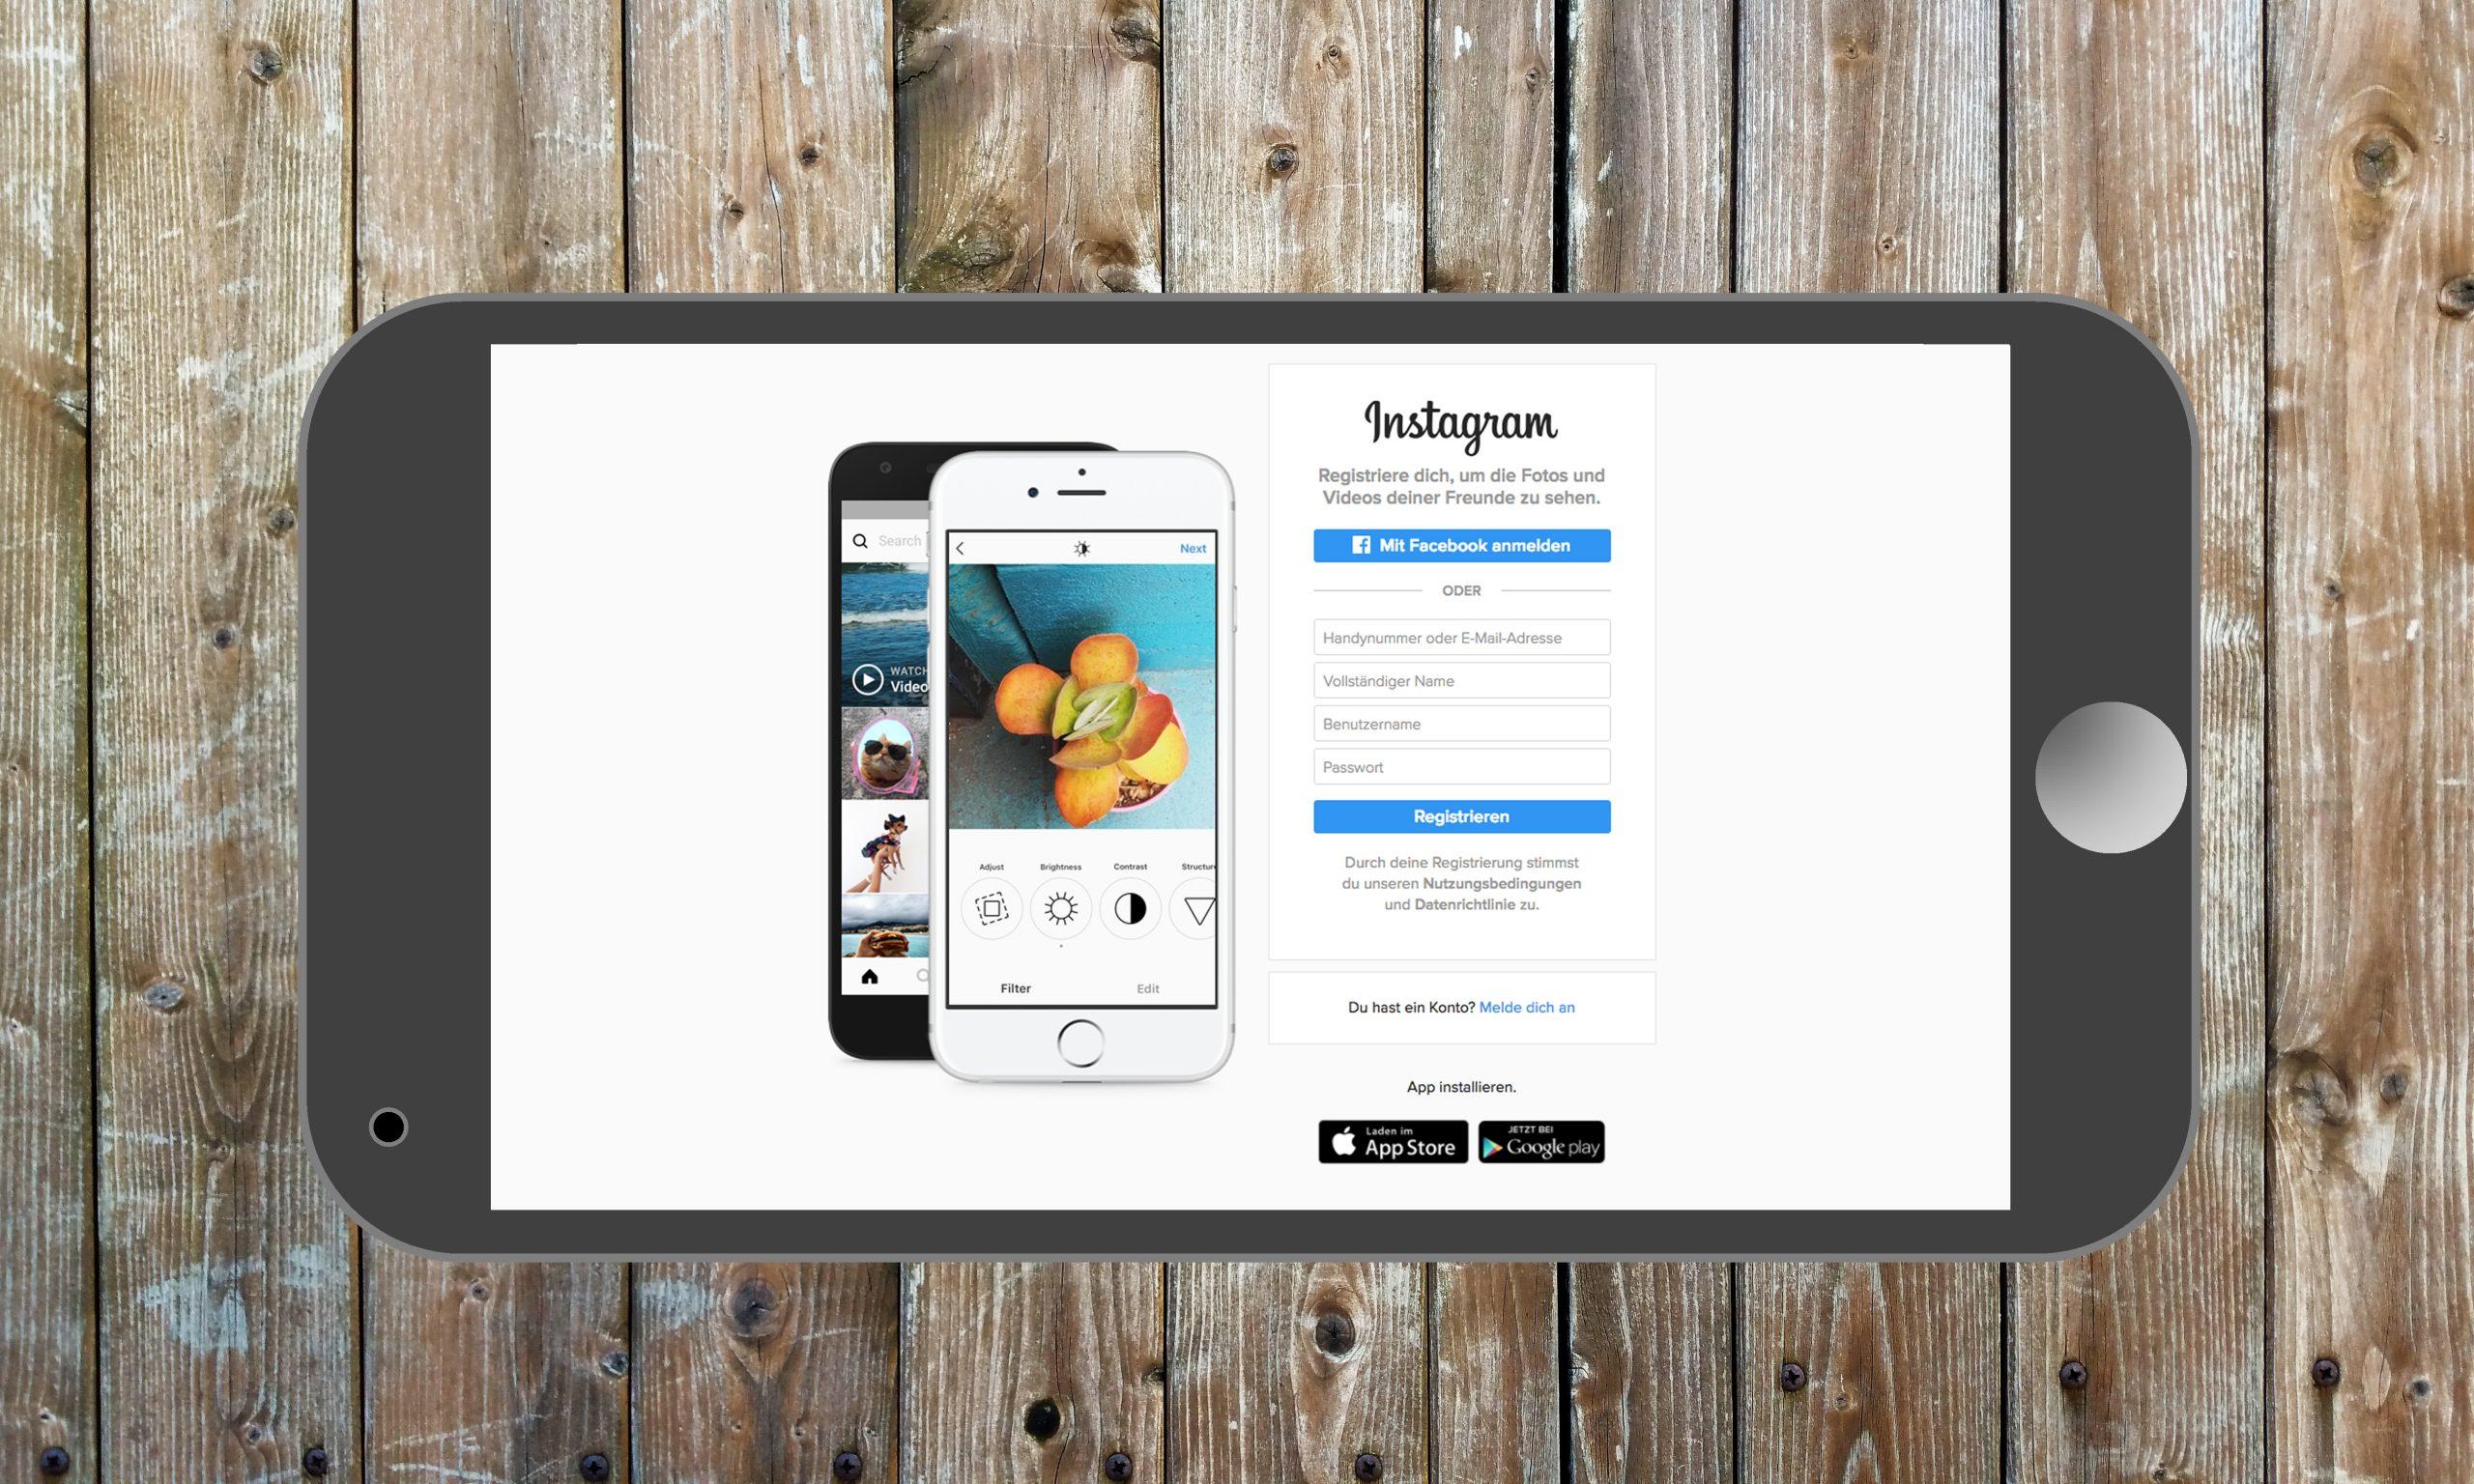 Social Media Advertising & Media Services